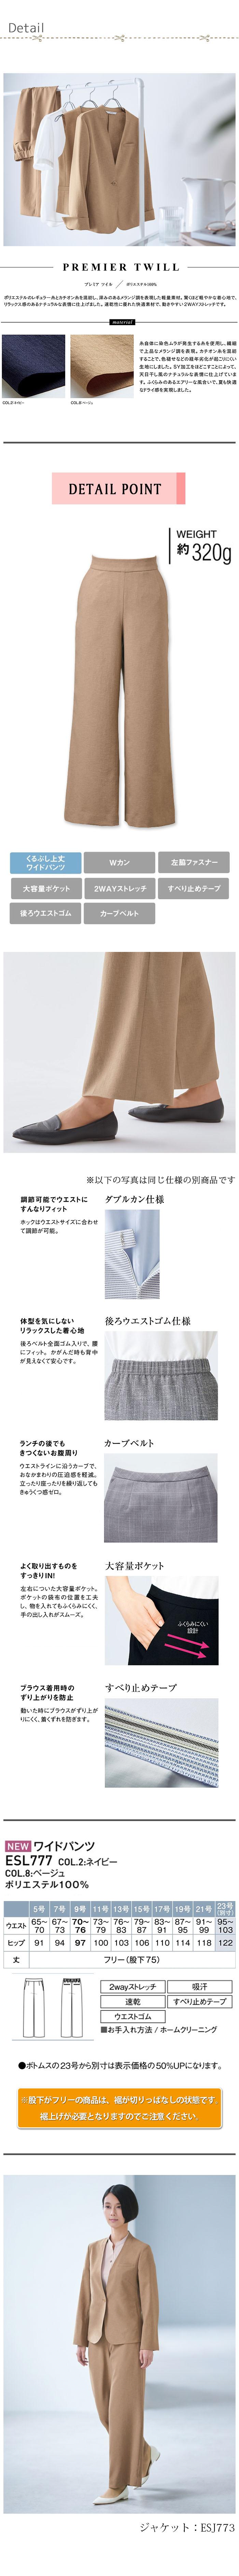 ナチュラルでリラックス感のある 涼しく軽いワイドパンツ【2色】女性用 スペック